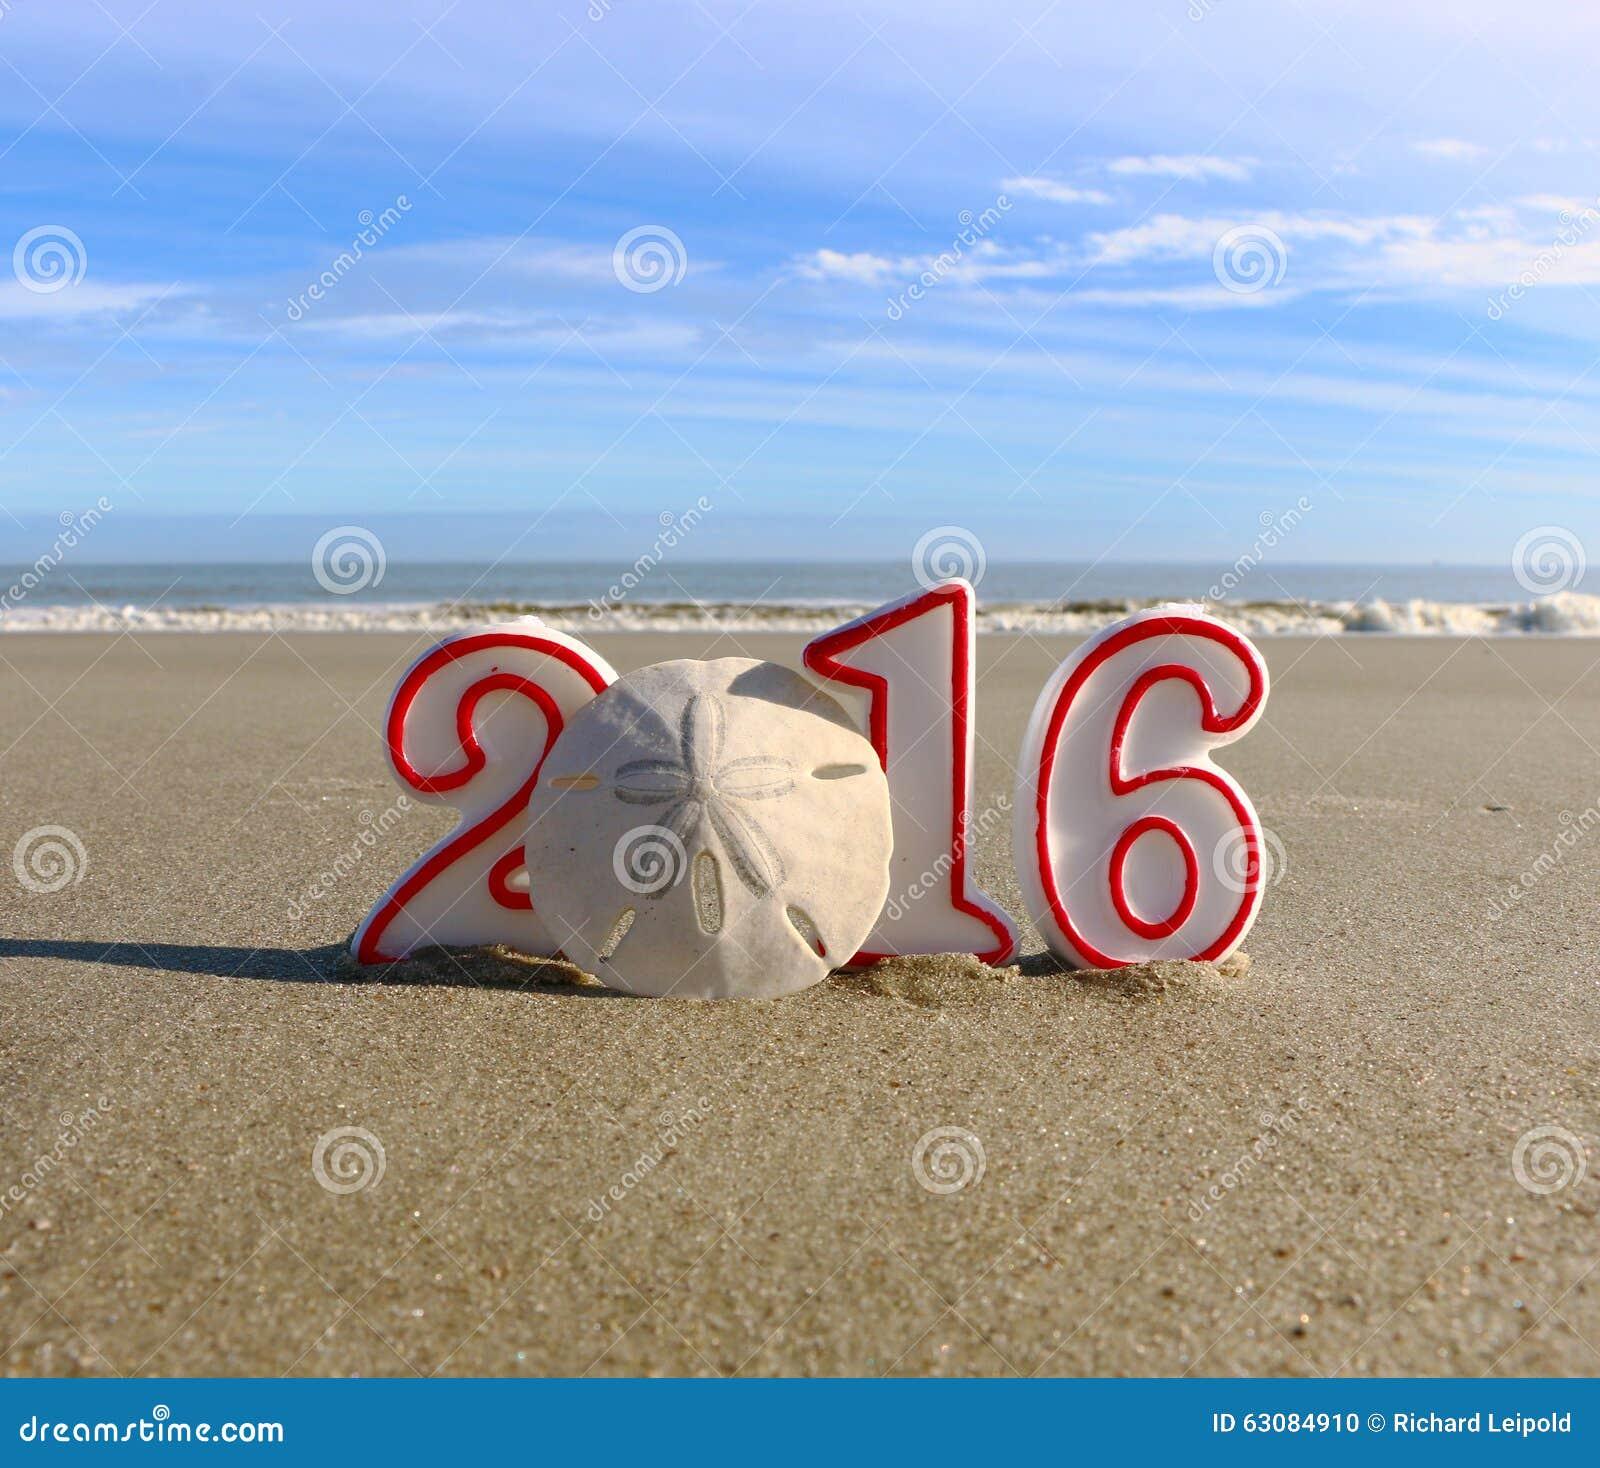 Download Les vacances d'an neuf photo stock. Image du hiver, soleil - 63084910